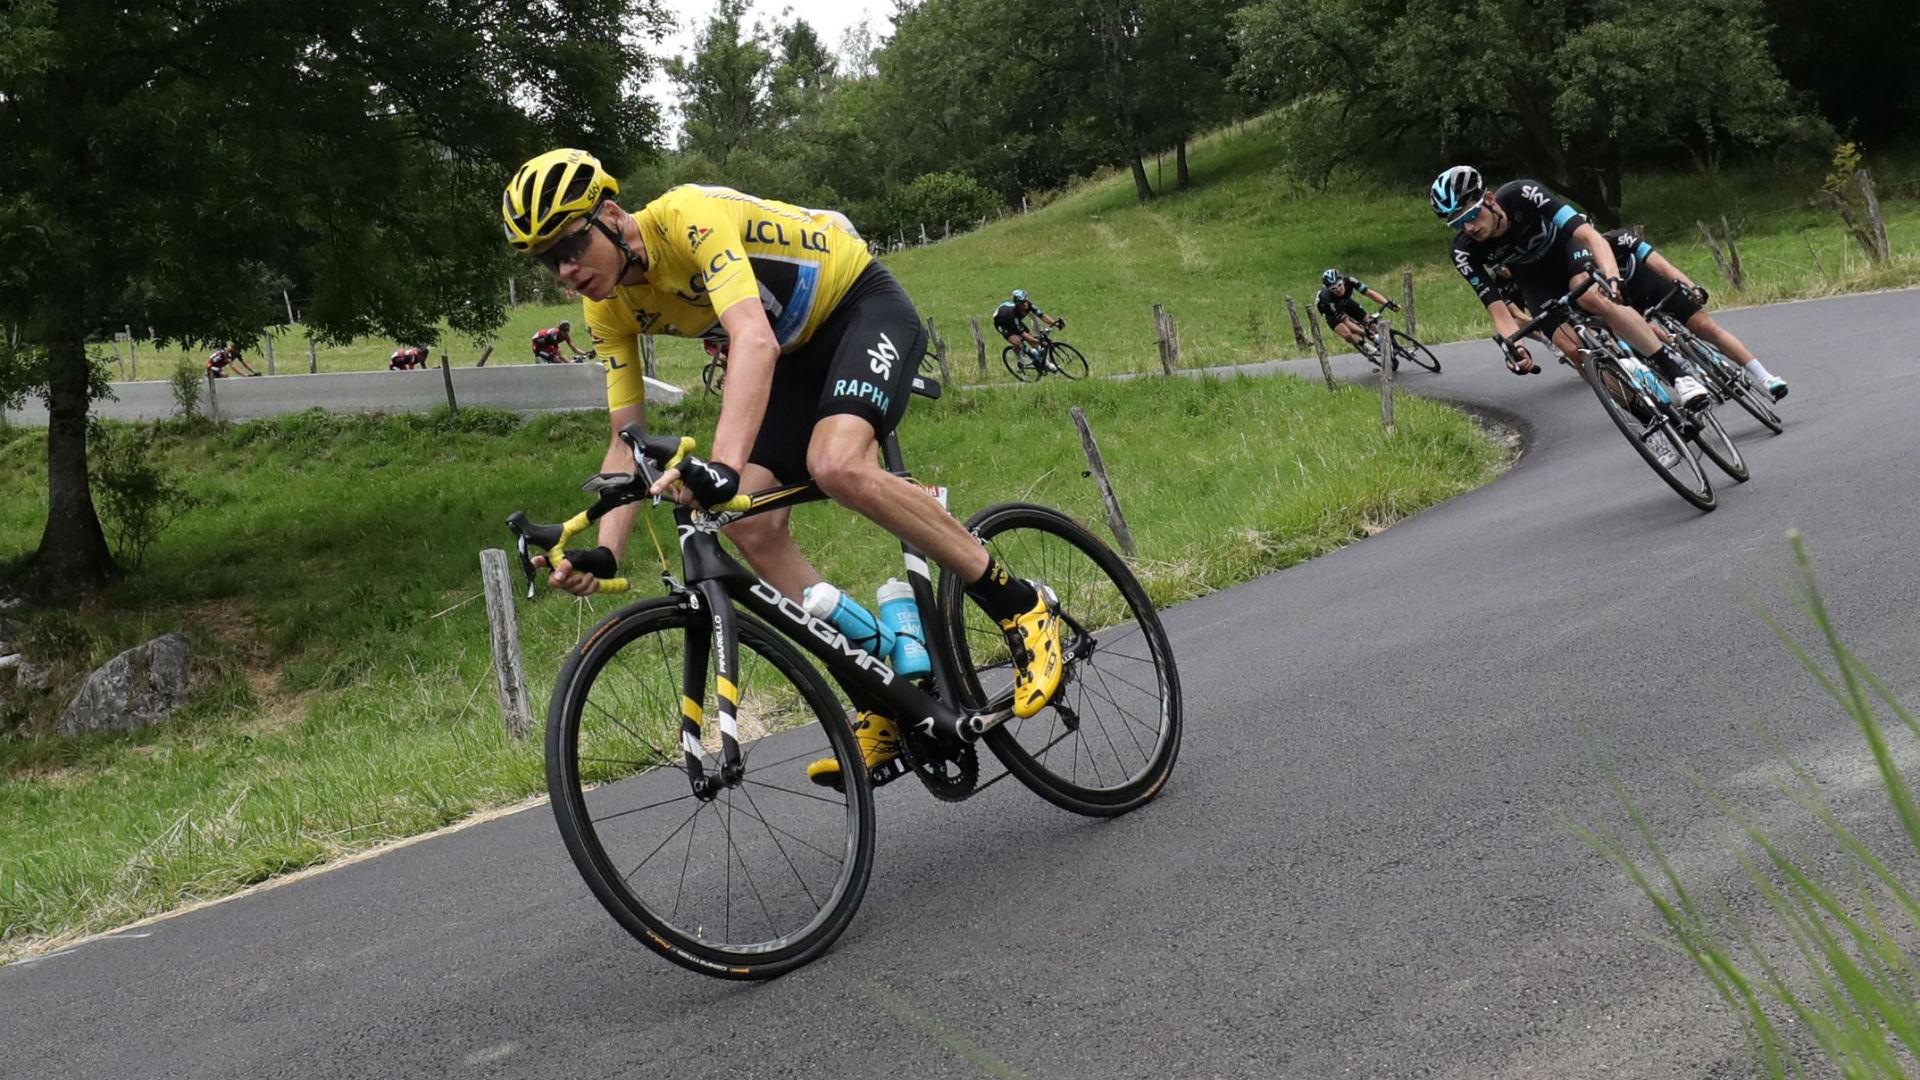 Tour de France, Stage 19